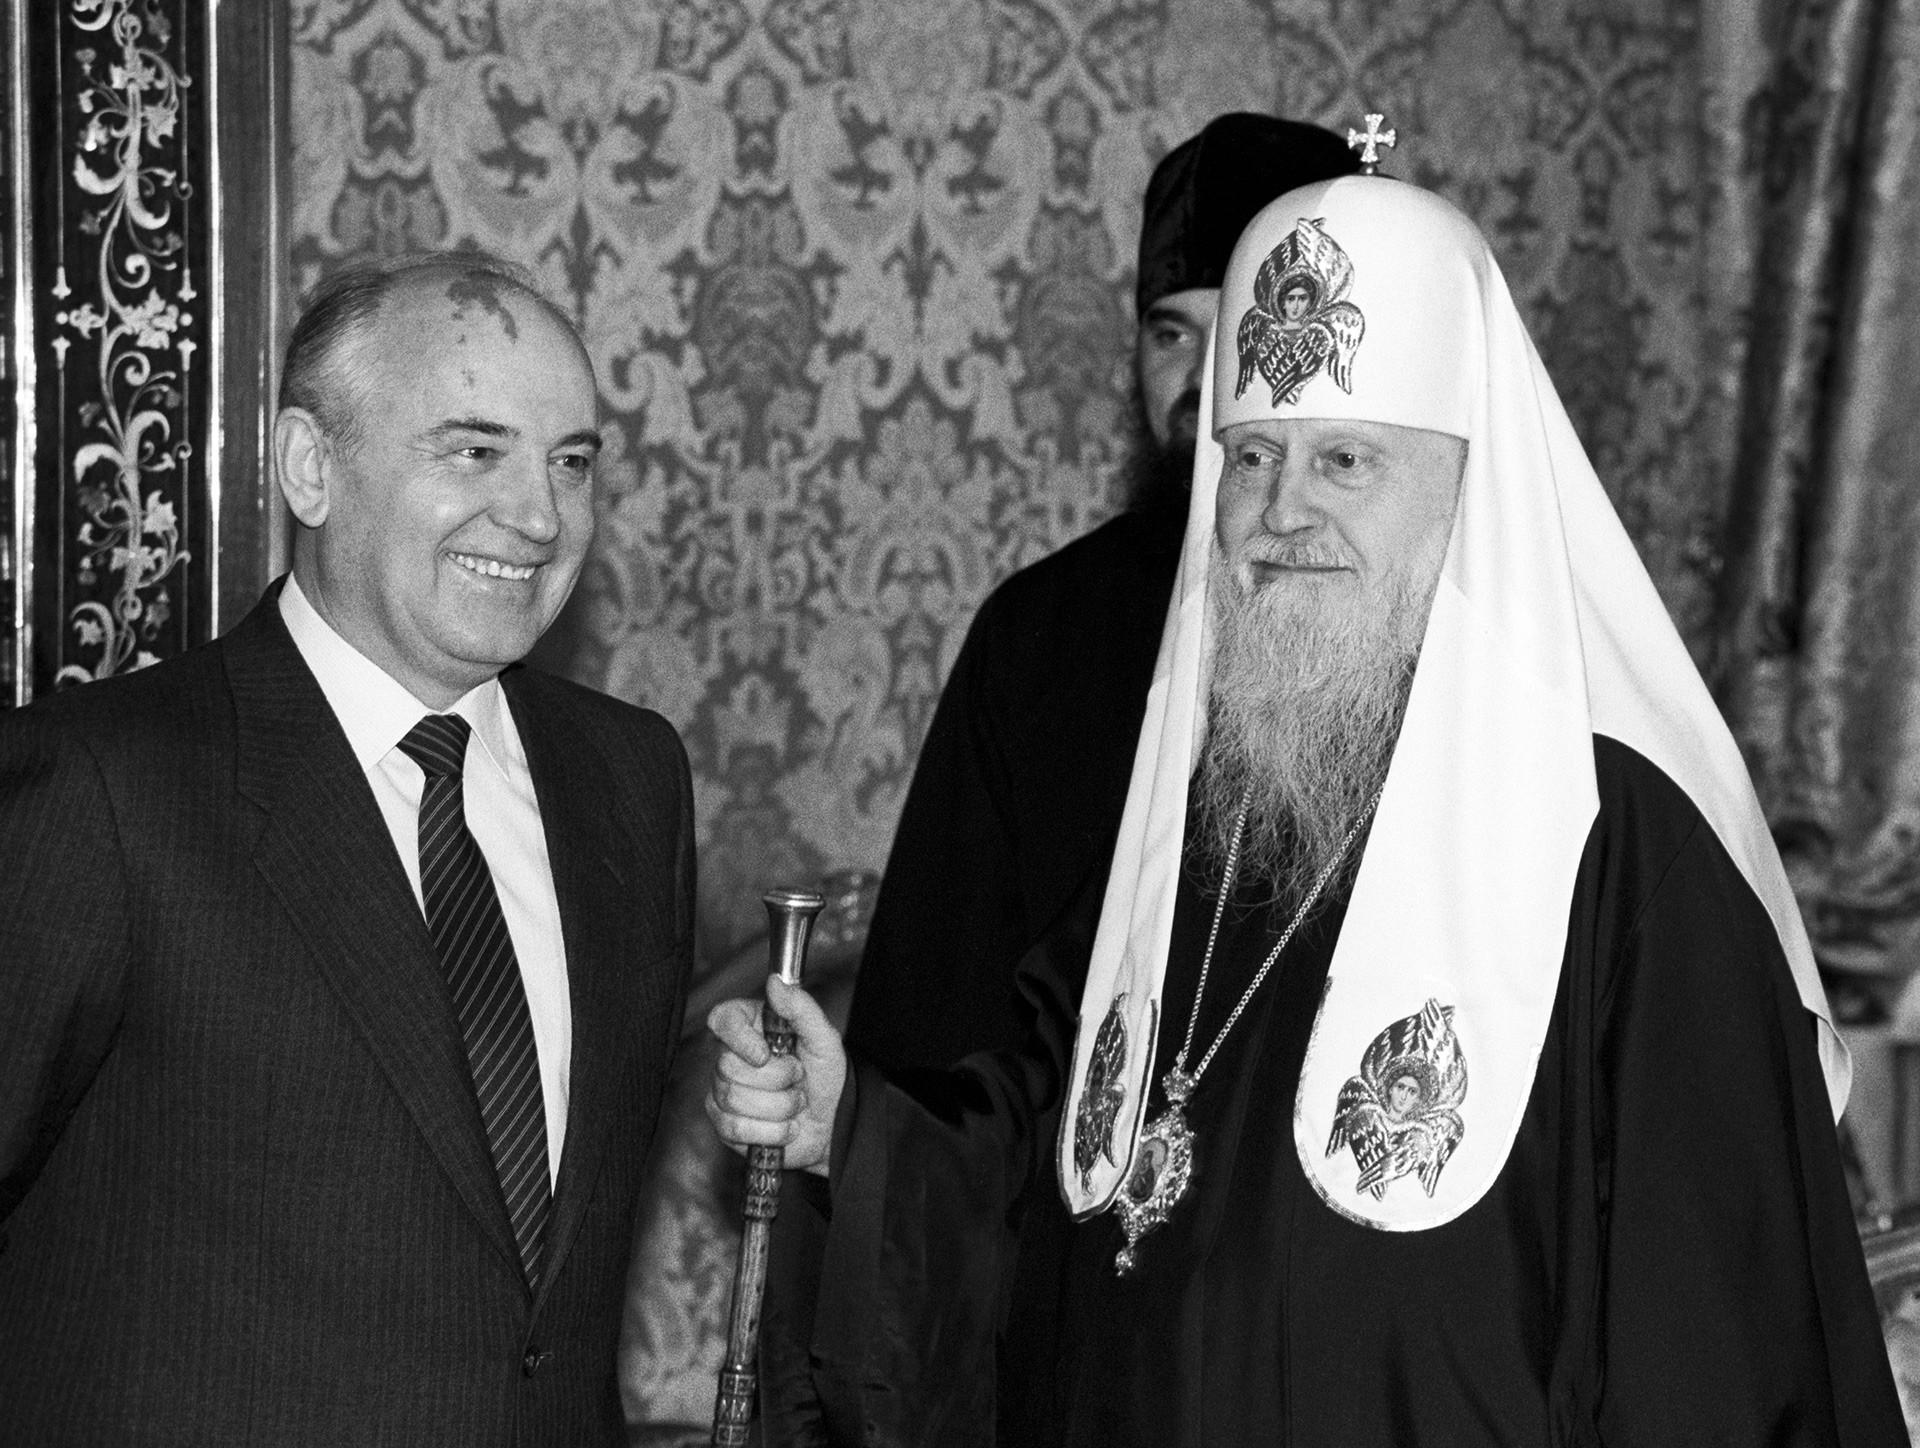 ソビエト連邦共産党書記長ミハイル・ゴルバチョフとモスクワ総主教ピメン。ロシアのキリスト教受容1000周年を記念する会合にて。